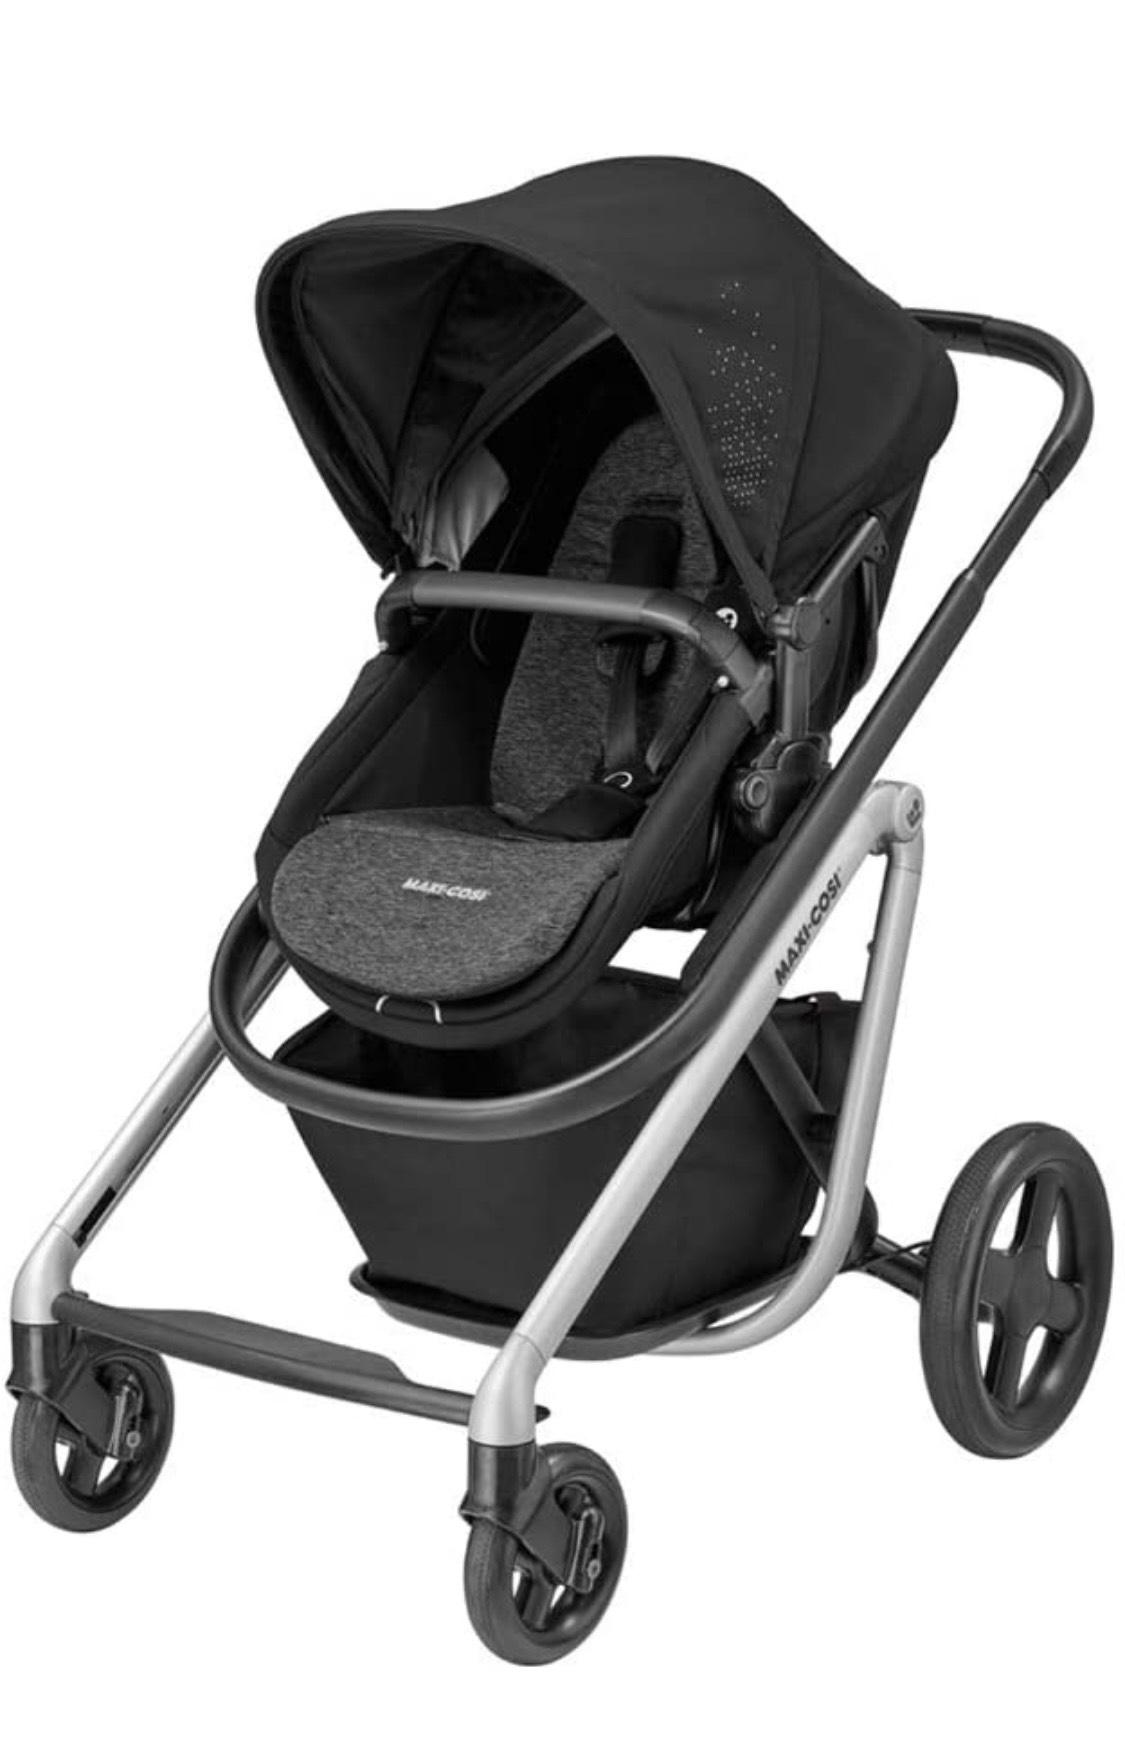 Maxi-Cosi Lila Kinderwagen - Nomad black